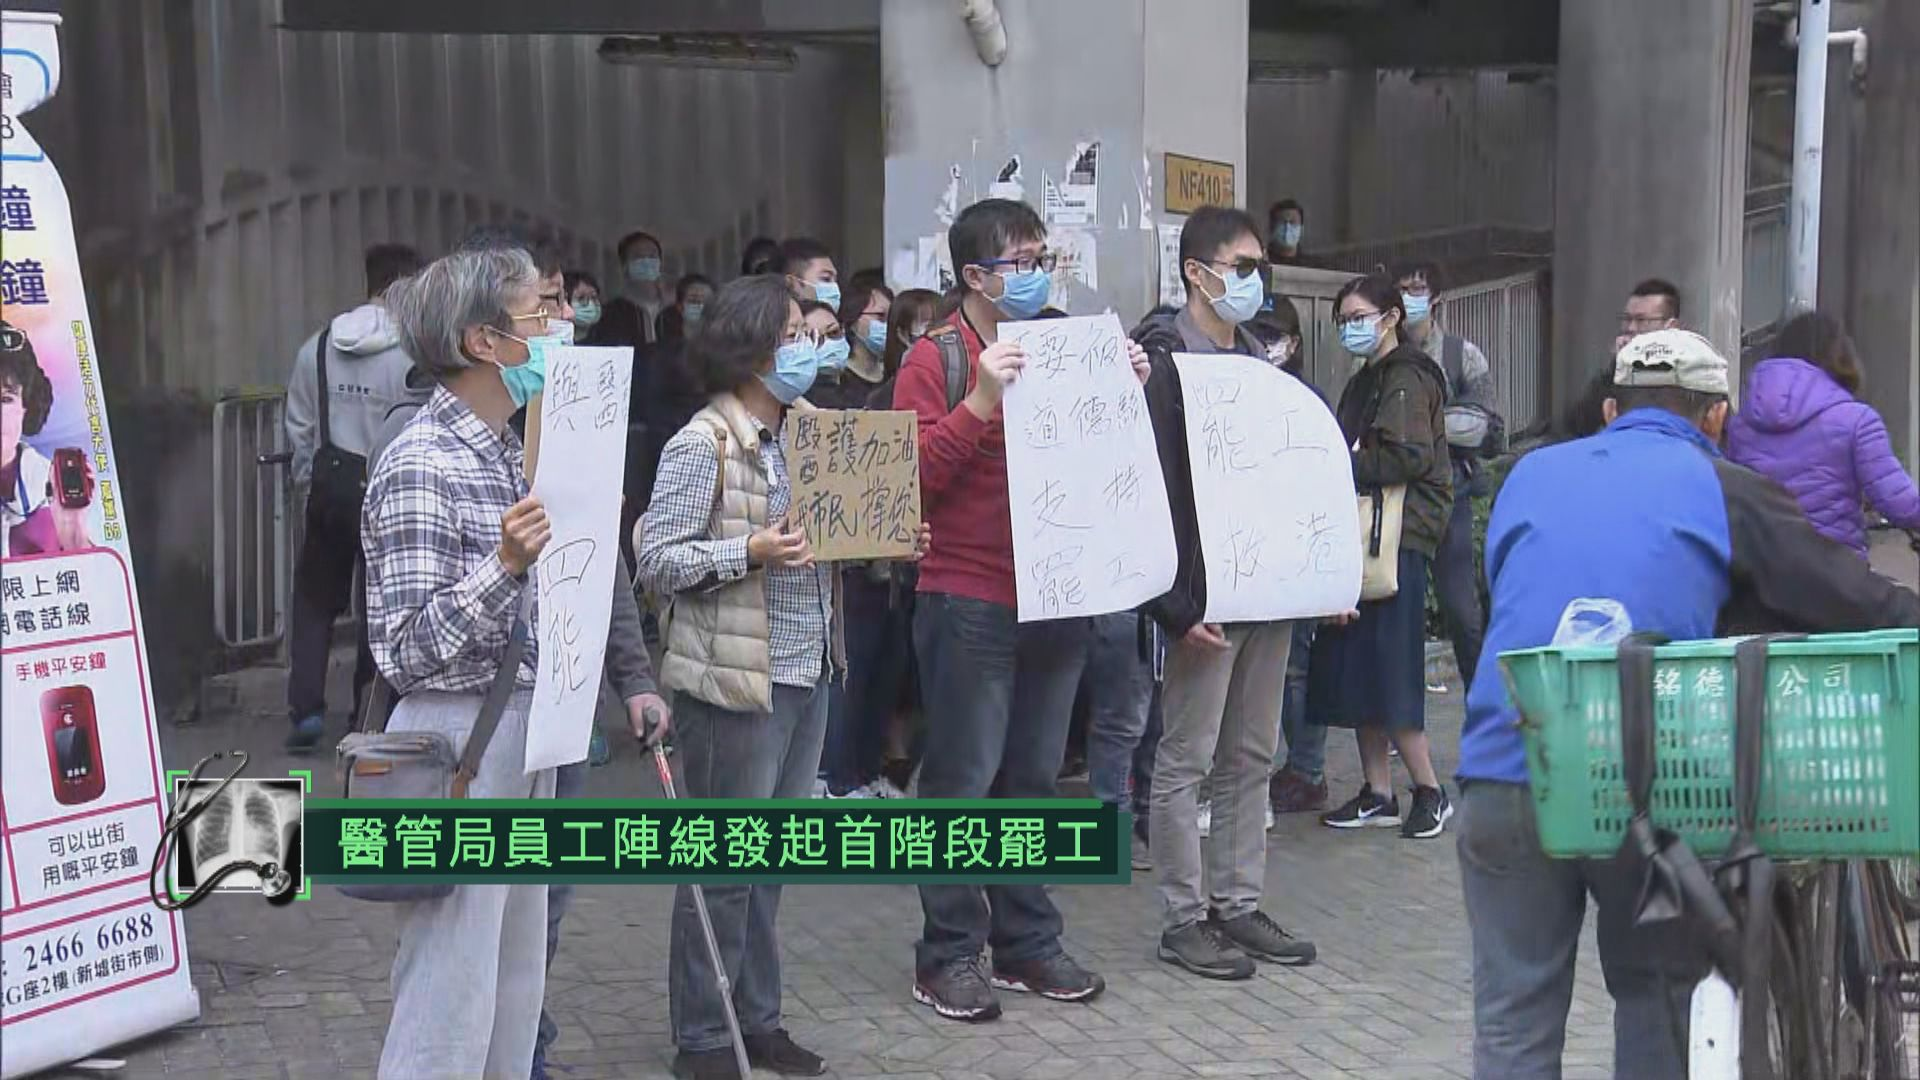 醫管局員工陣線:截至十時約一千人簽到參與罷工